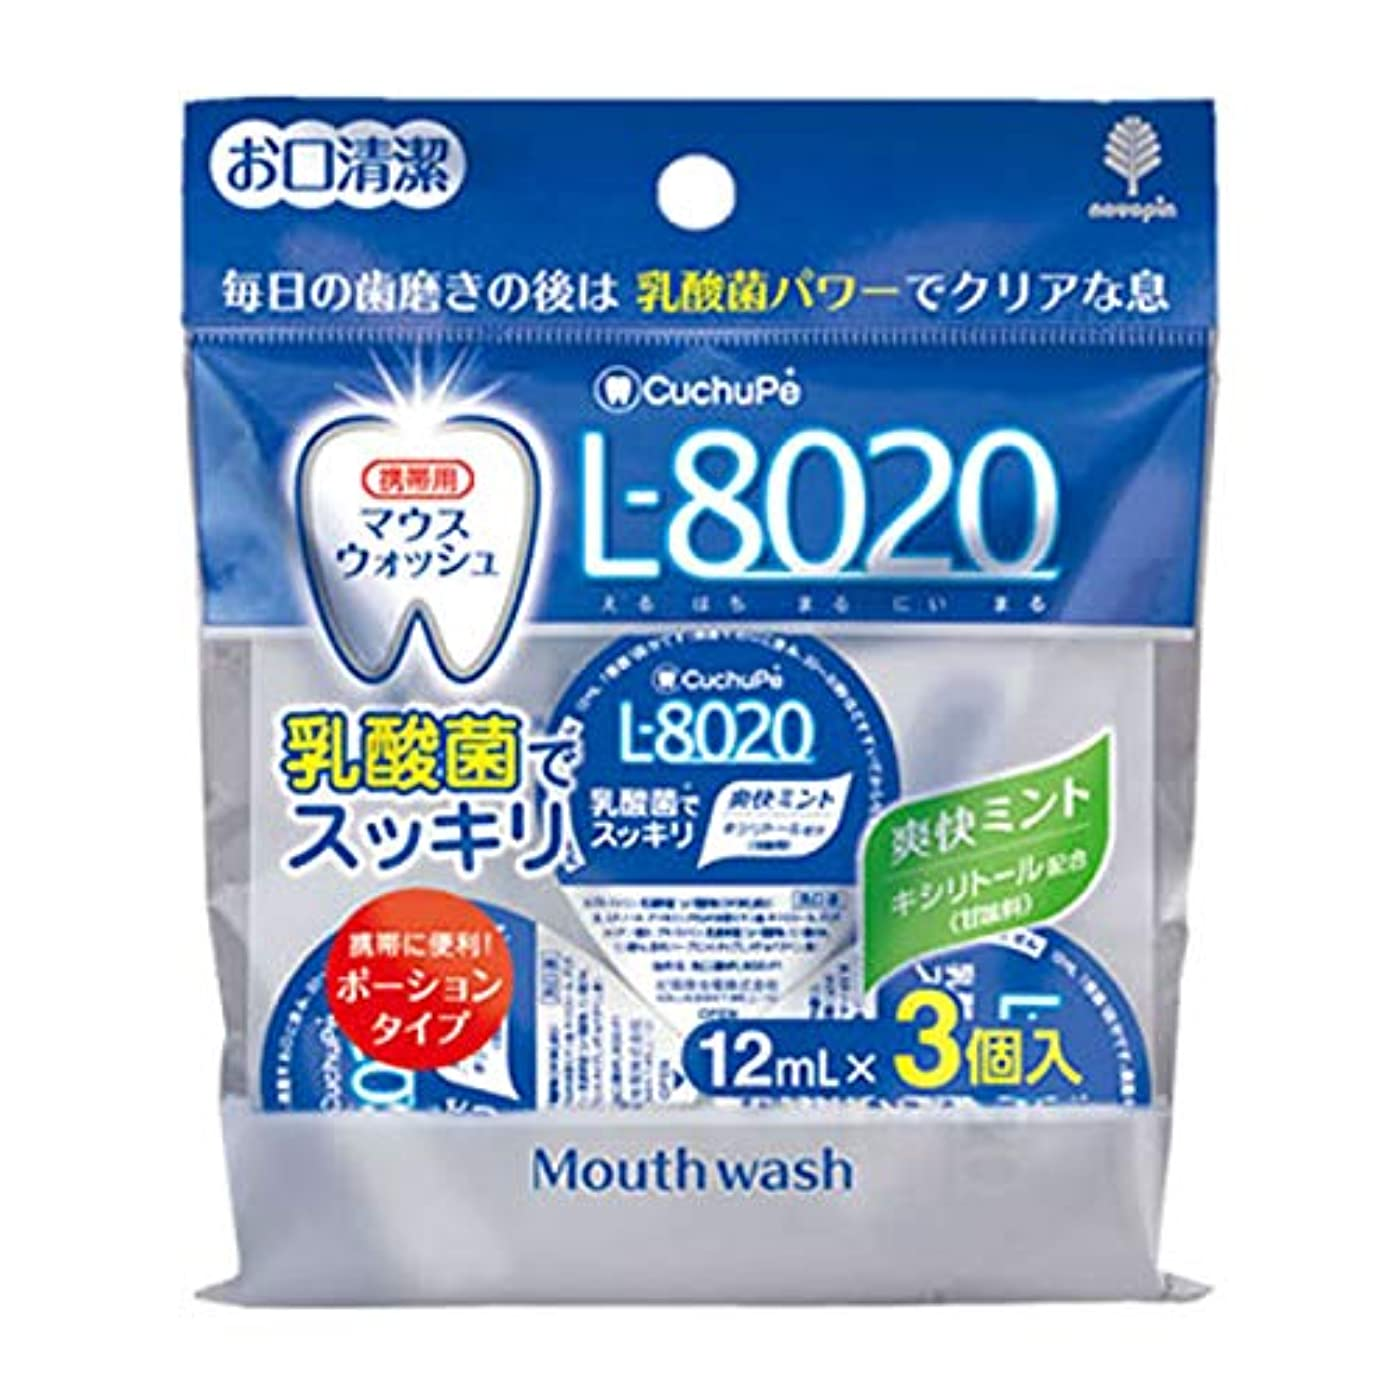 を必要としています脱獄怠惰クチュッペ L-8020 乳酸菌マウスウォッシュ 携帯用ポーションタイプ 爽快ミント 3個入